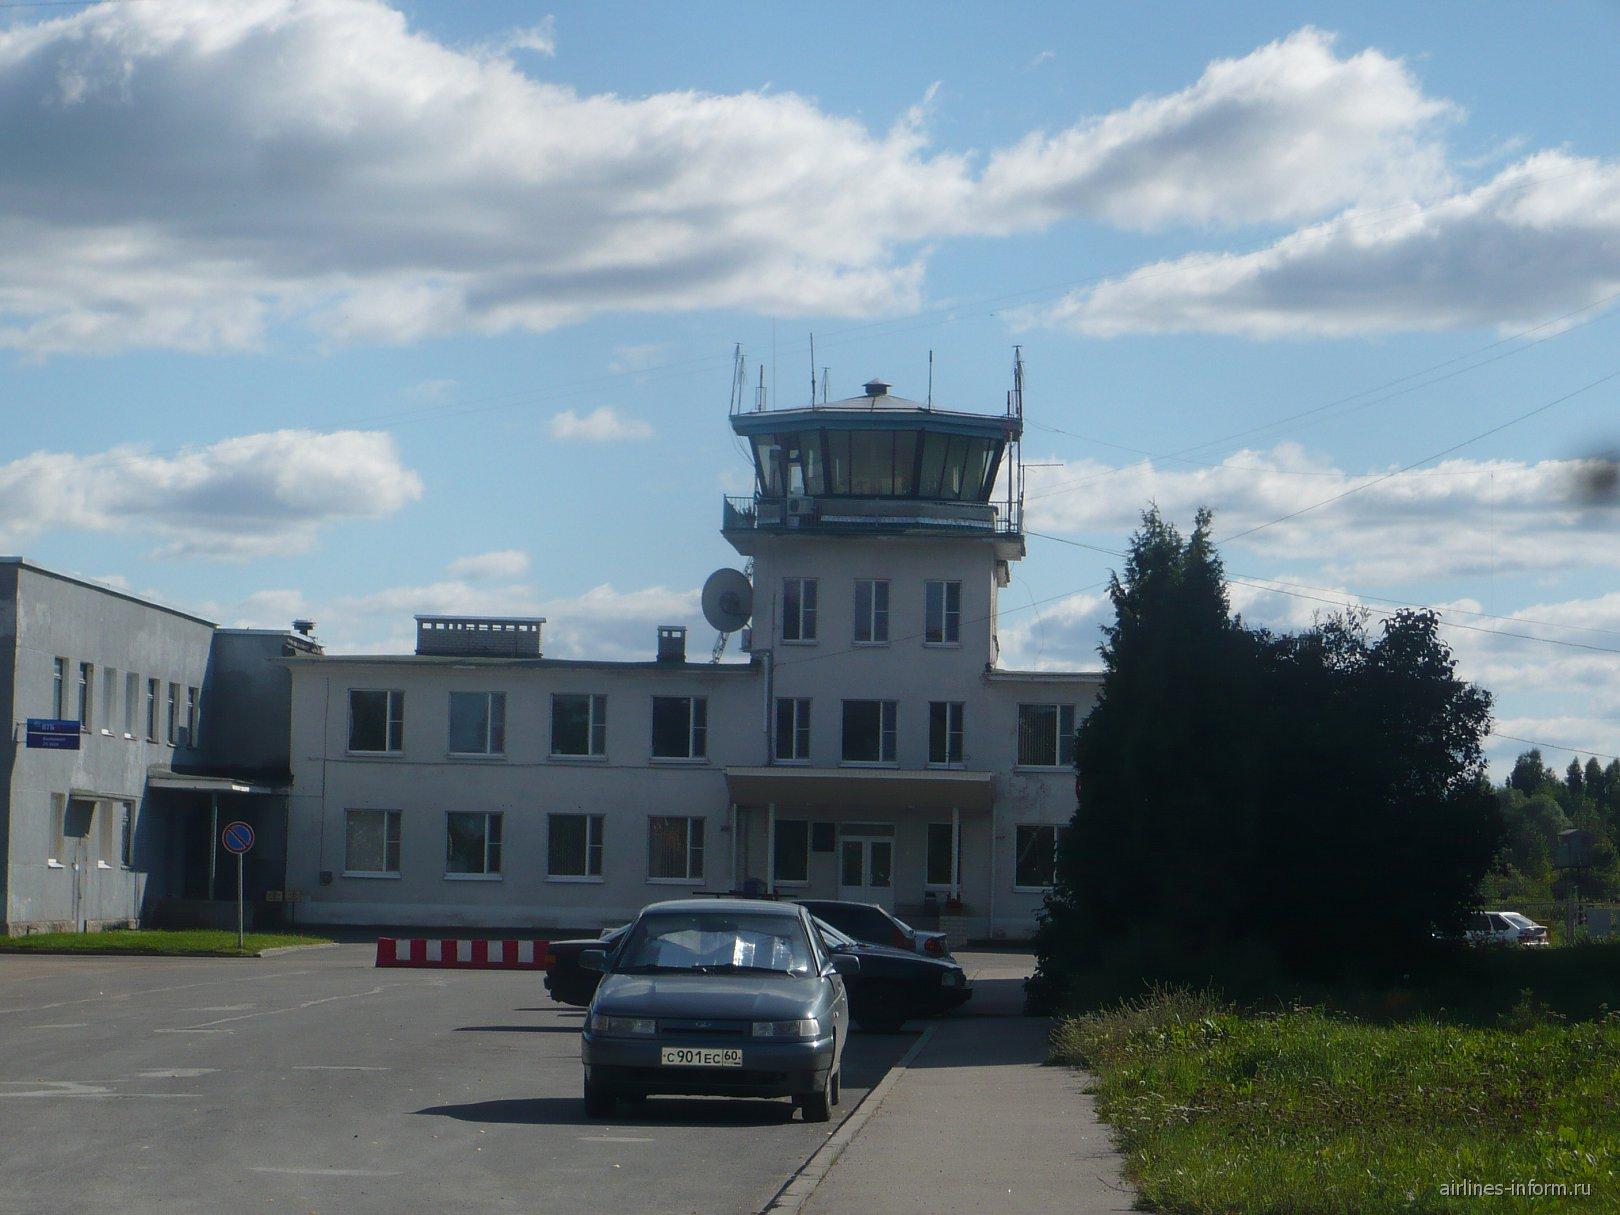 Диспетчерская вышка аэропорта Псков Кресты